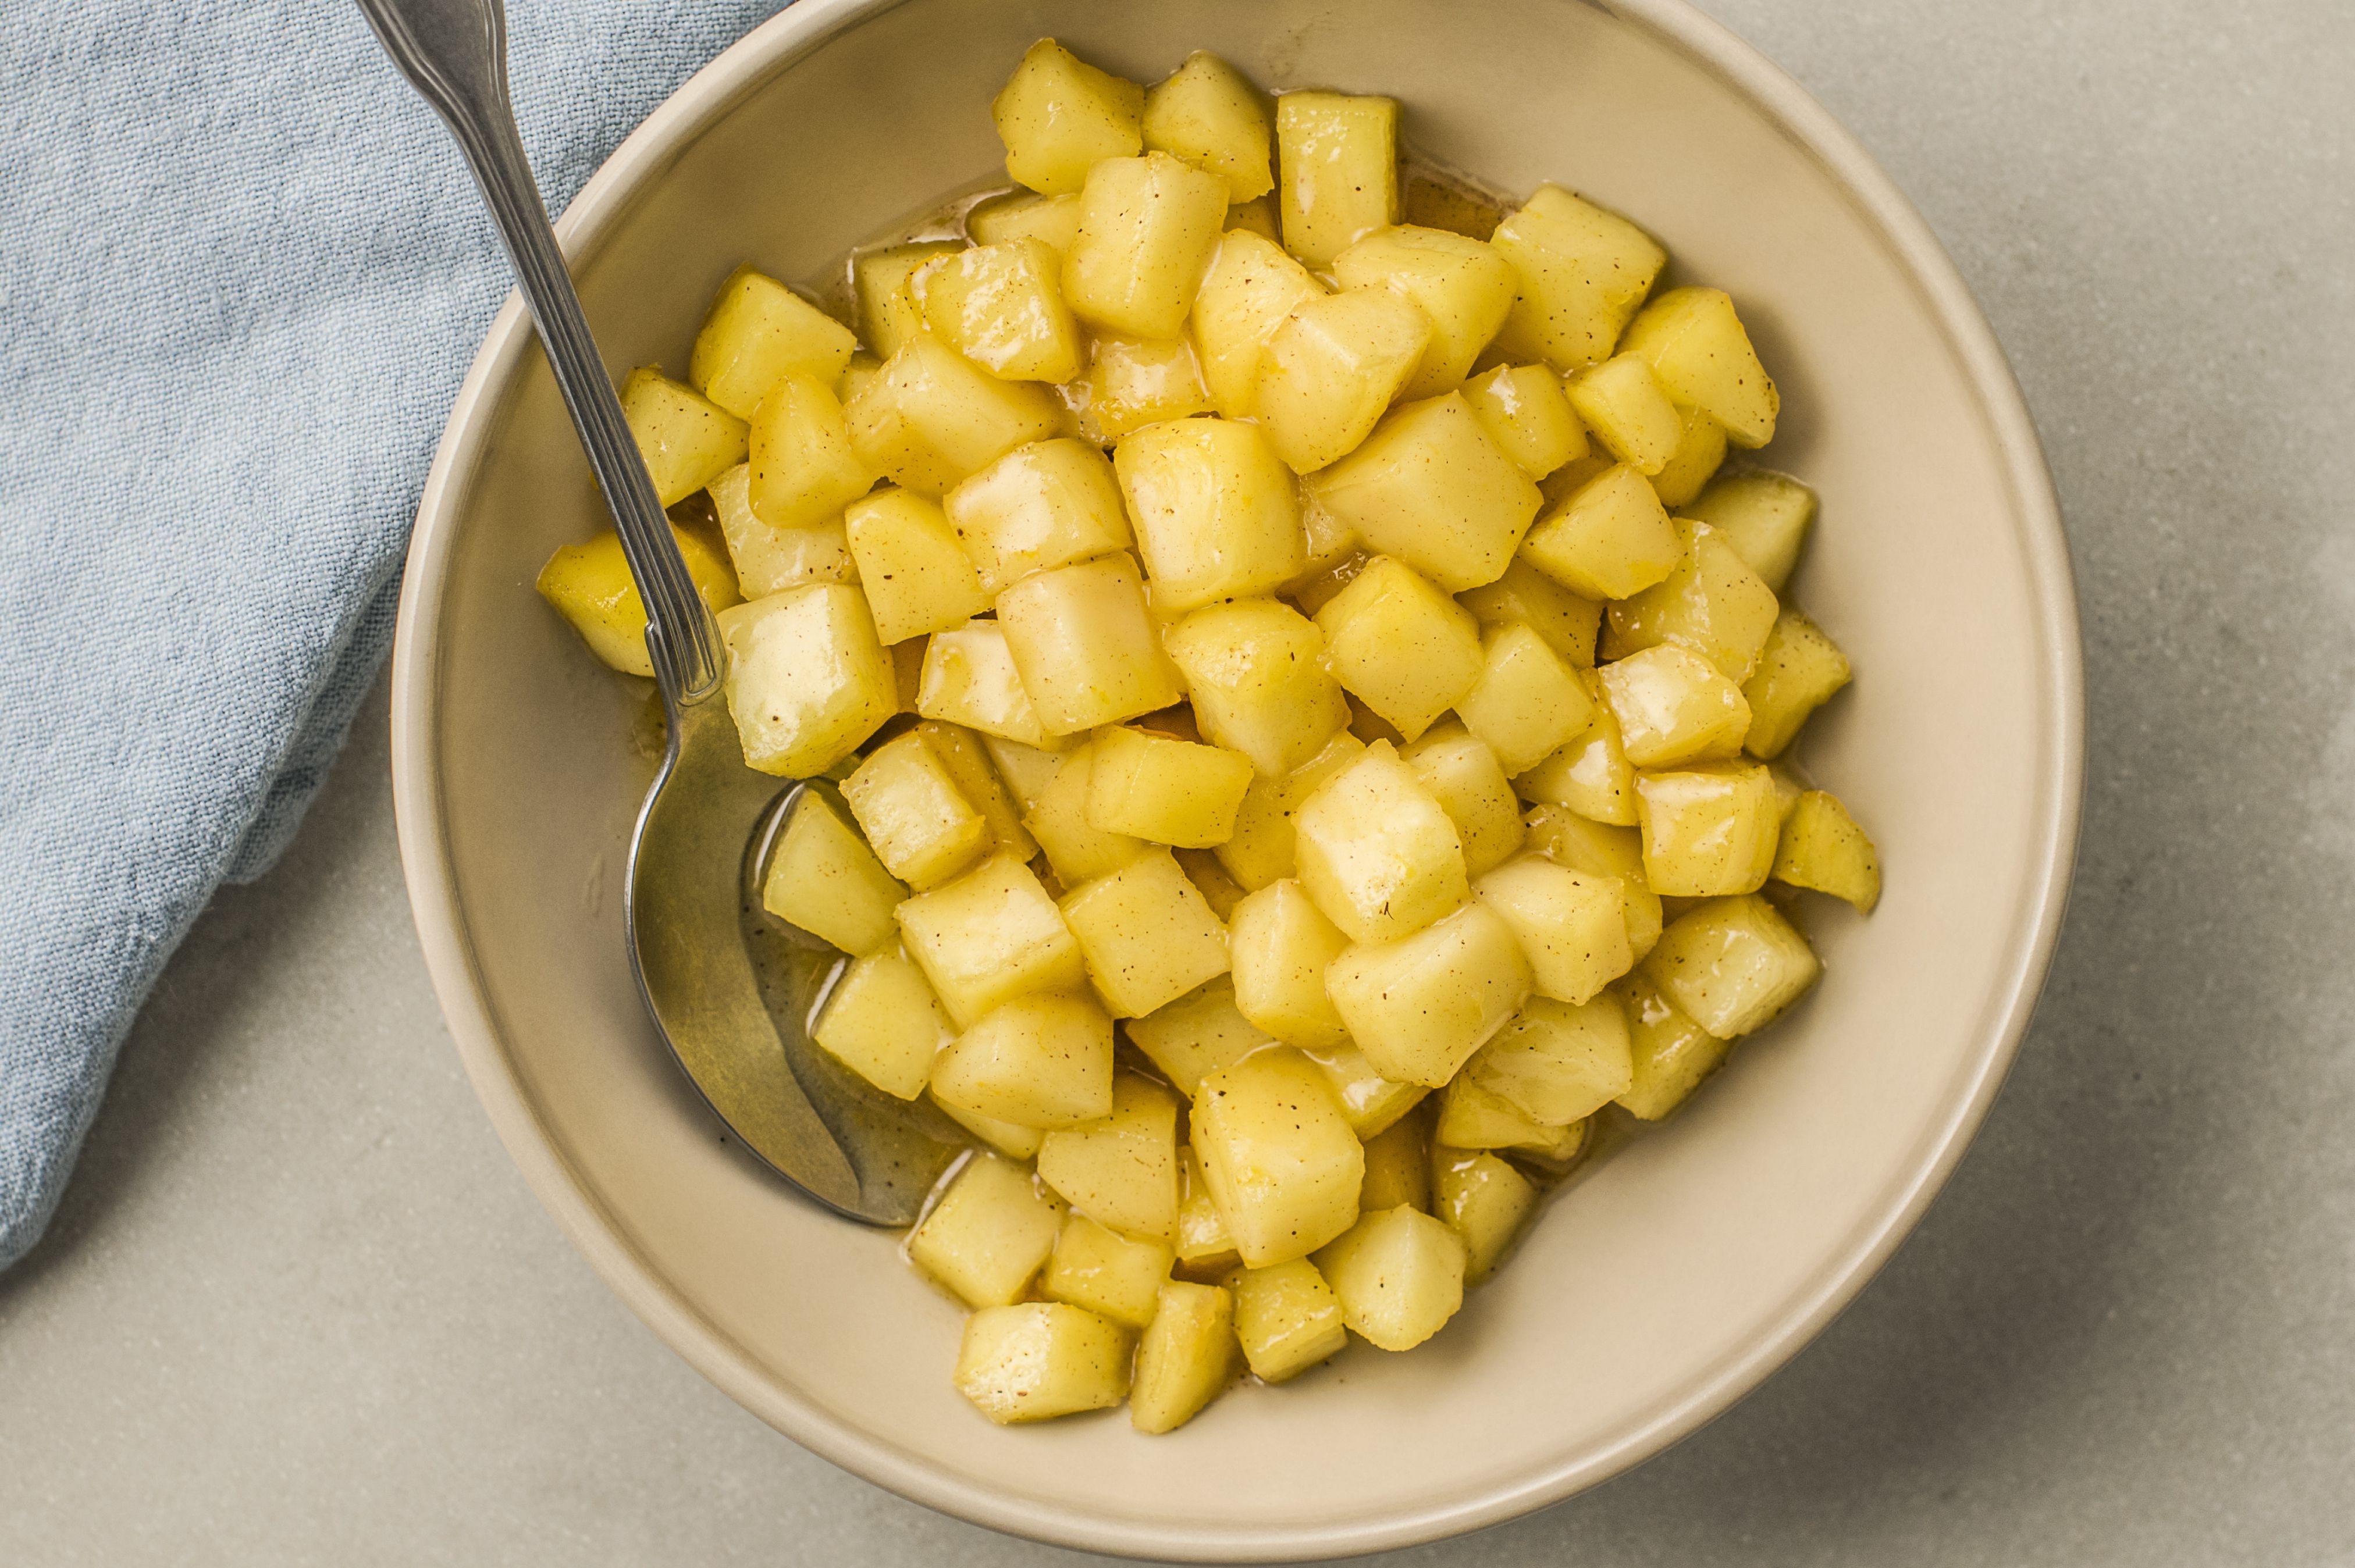 Caramelized apple recipe